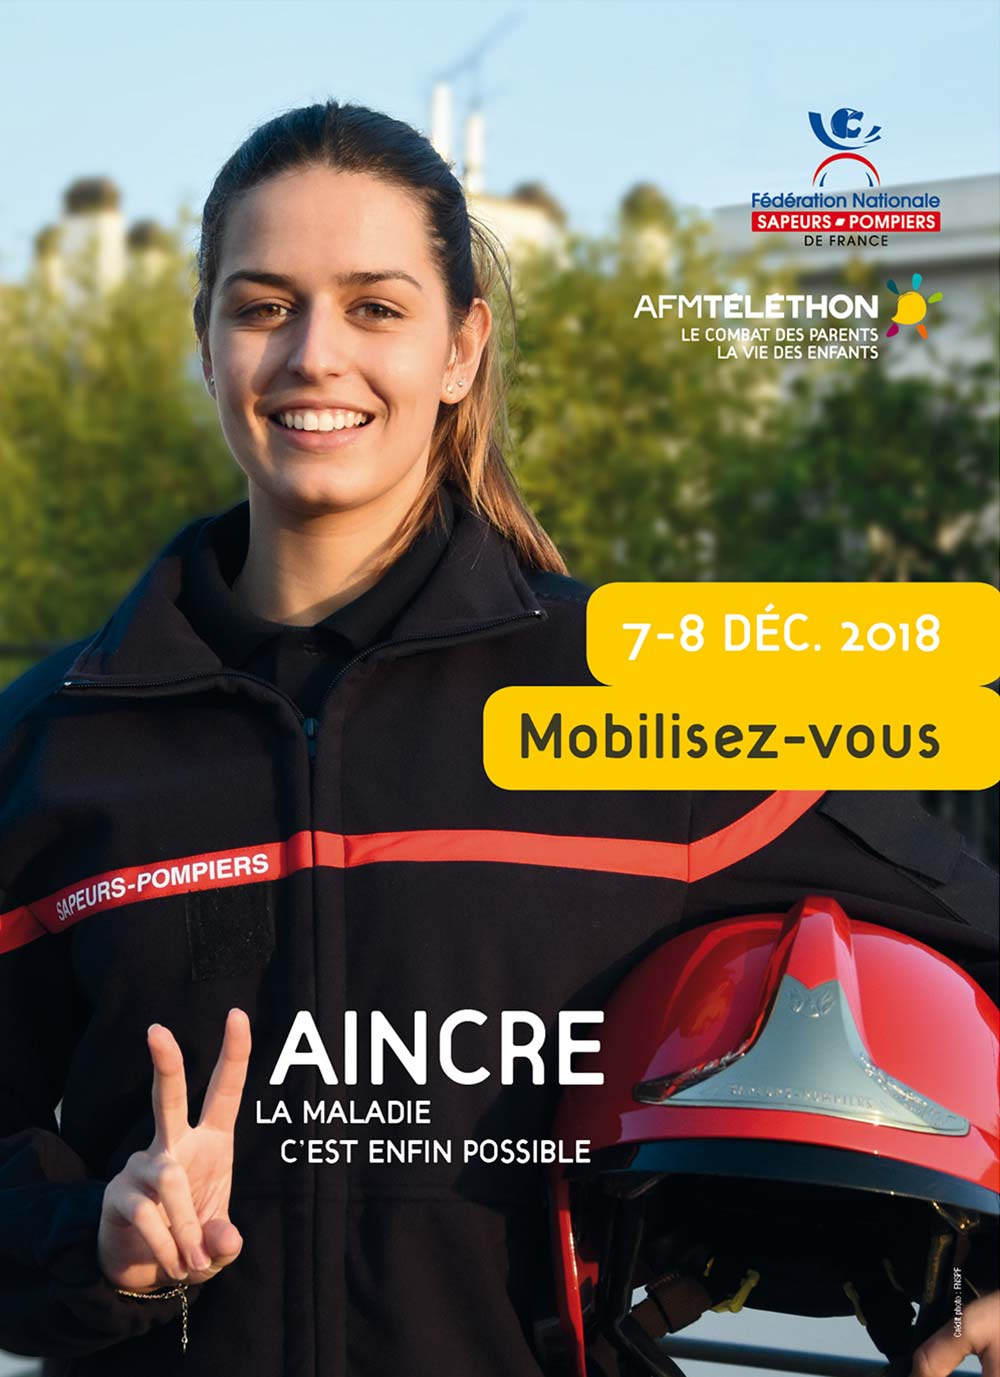 Affiche Téléthon 2018 - Sapeurs-pompiers FNSPF (Photo ©L.Picard / FNSPF)